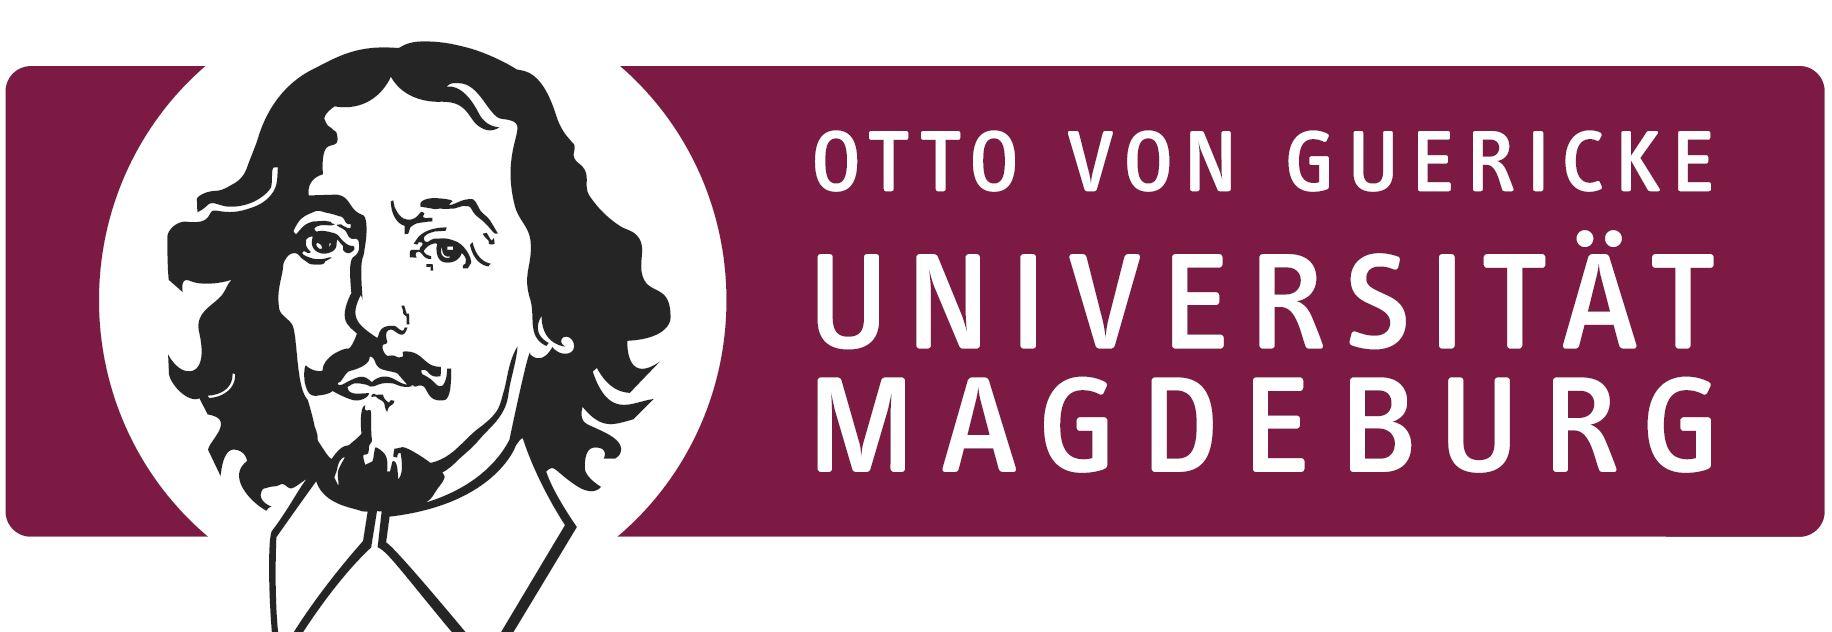 Otoo von Guericke | Universität Magdeburg